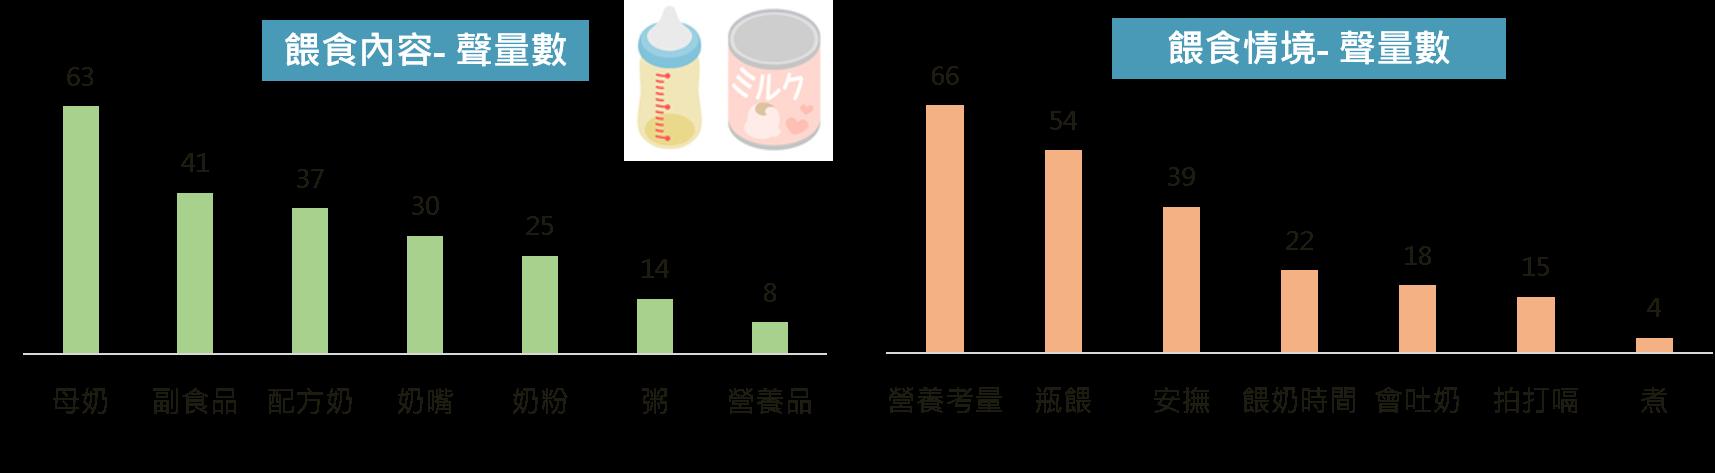 OpView輿情聲量分析_男性餵食內容及情境(依聲量排序)